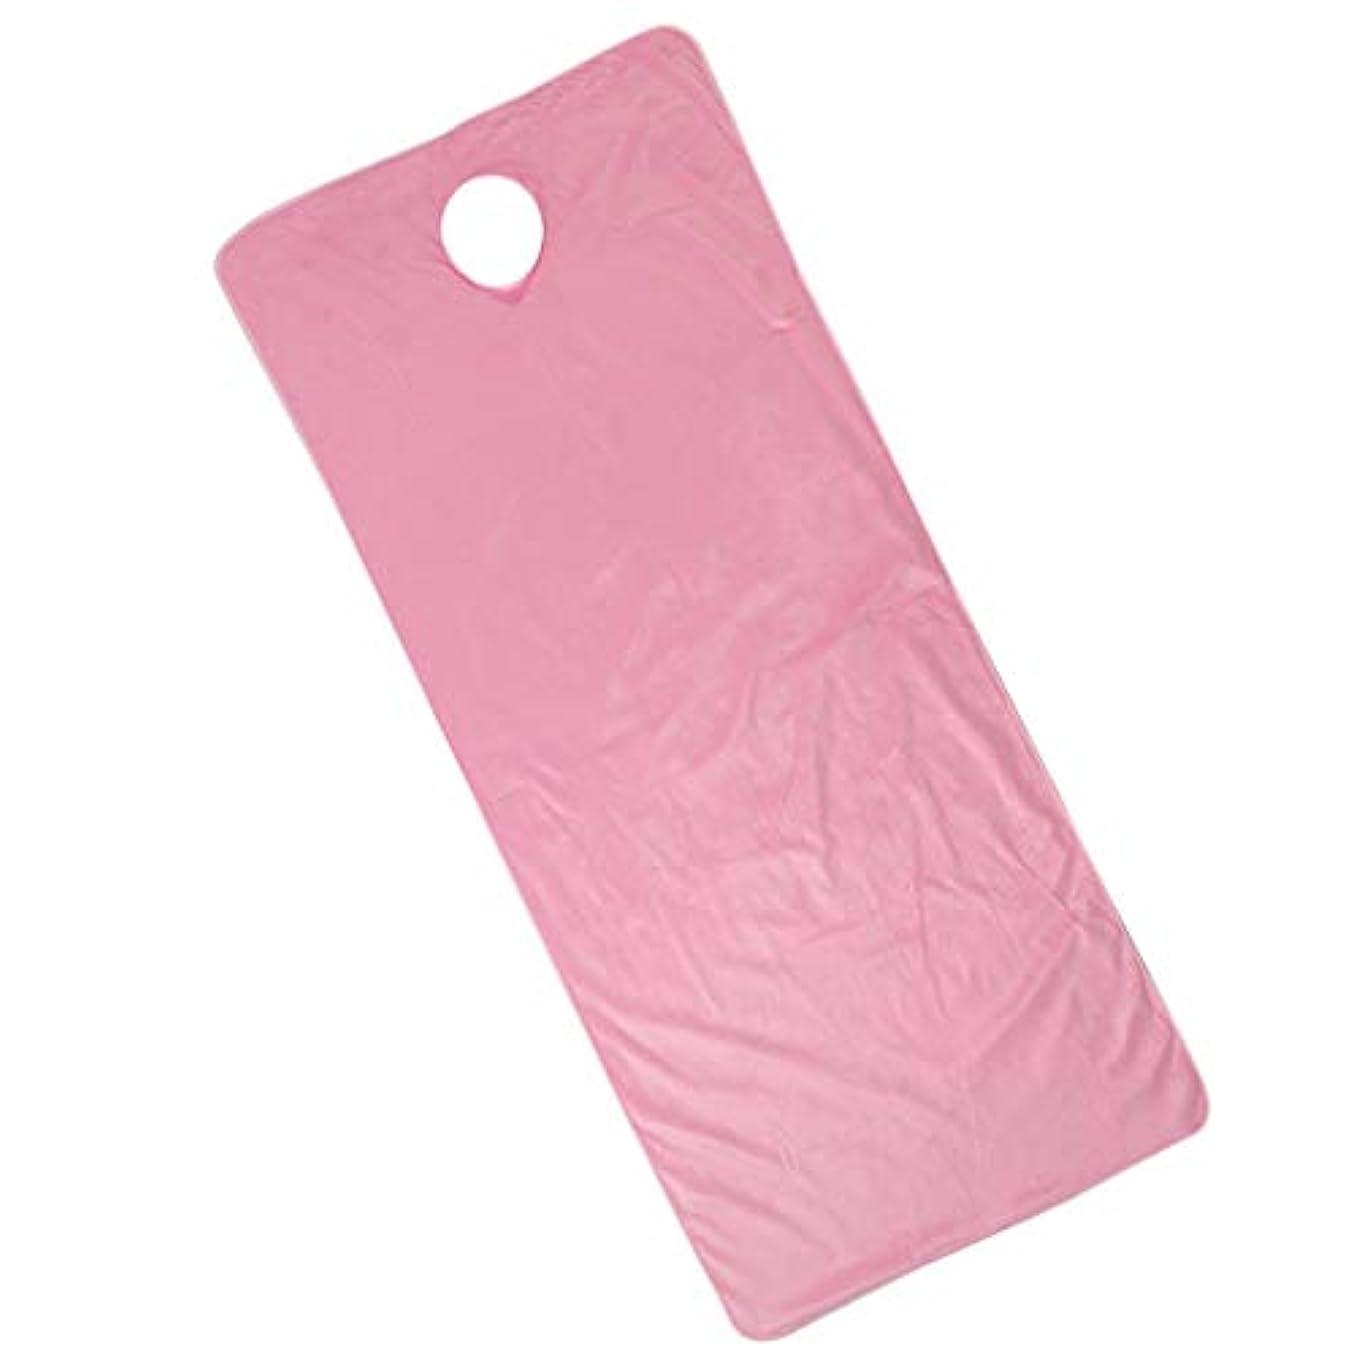 マルクス主義メリー生息地F Fityle 美容ベッドカバー 有孔 スパ マッサージベッドカバー ピンク